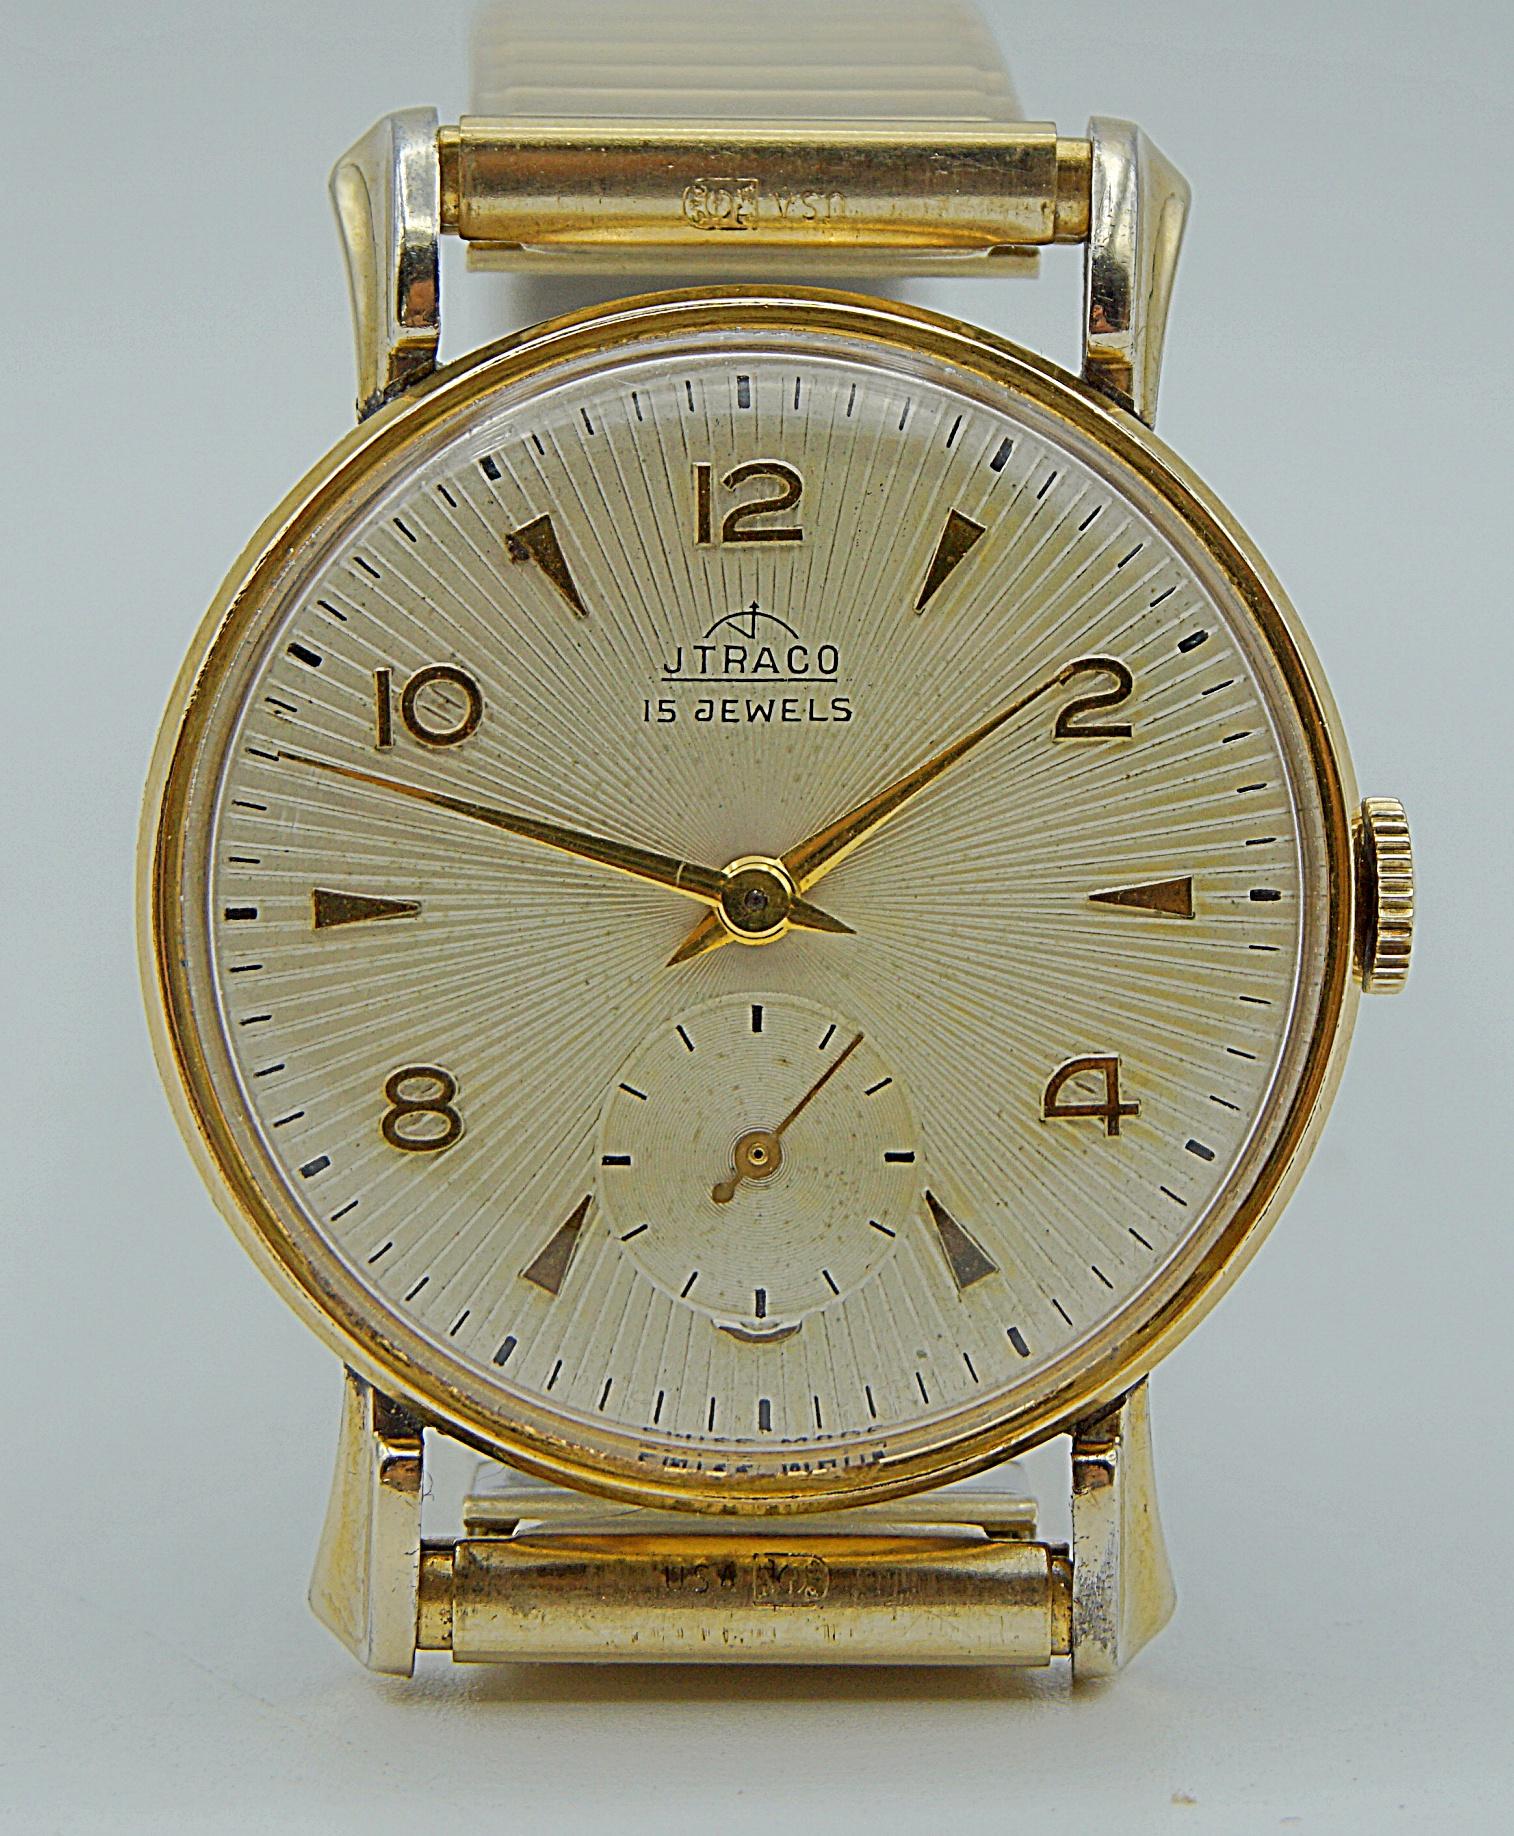 นาฬิกาเก่า JTRACO ไขลานสองเข็มครึ่ง